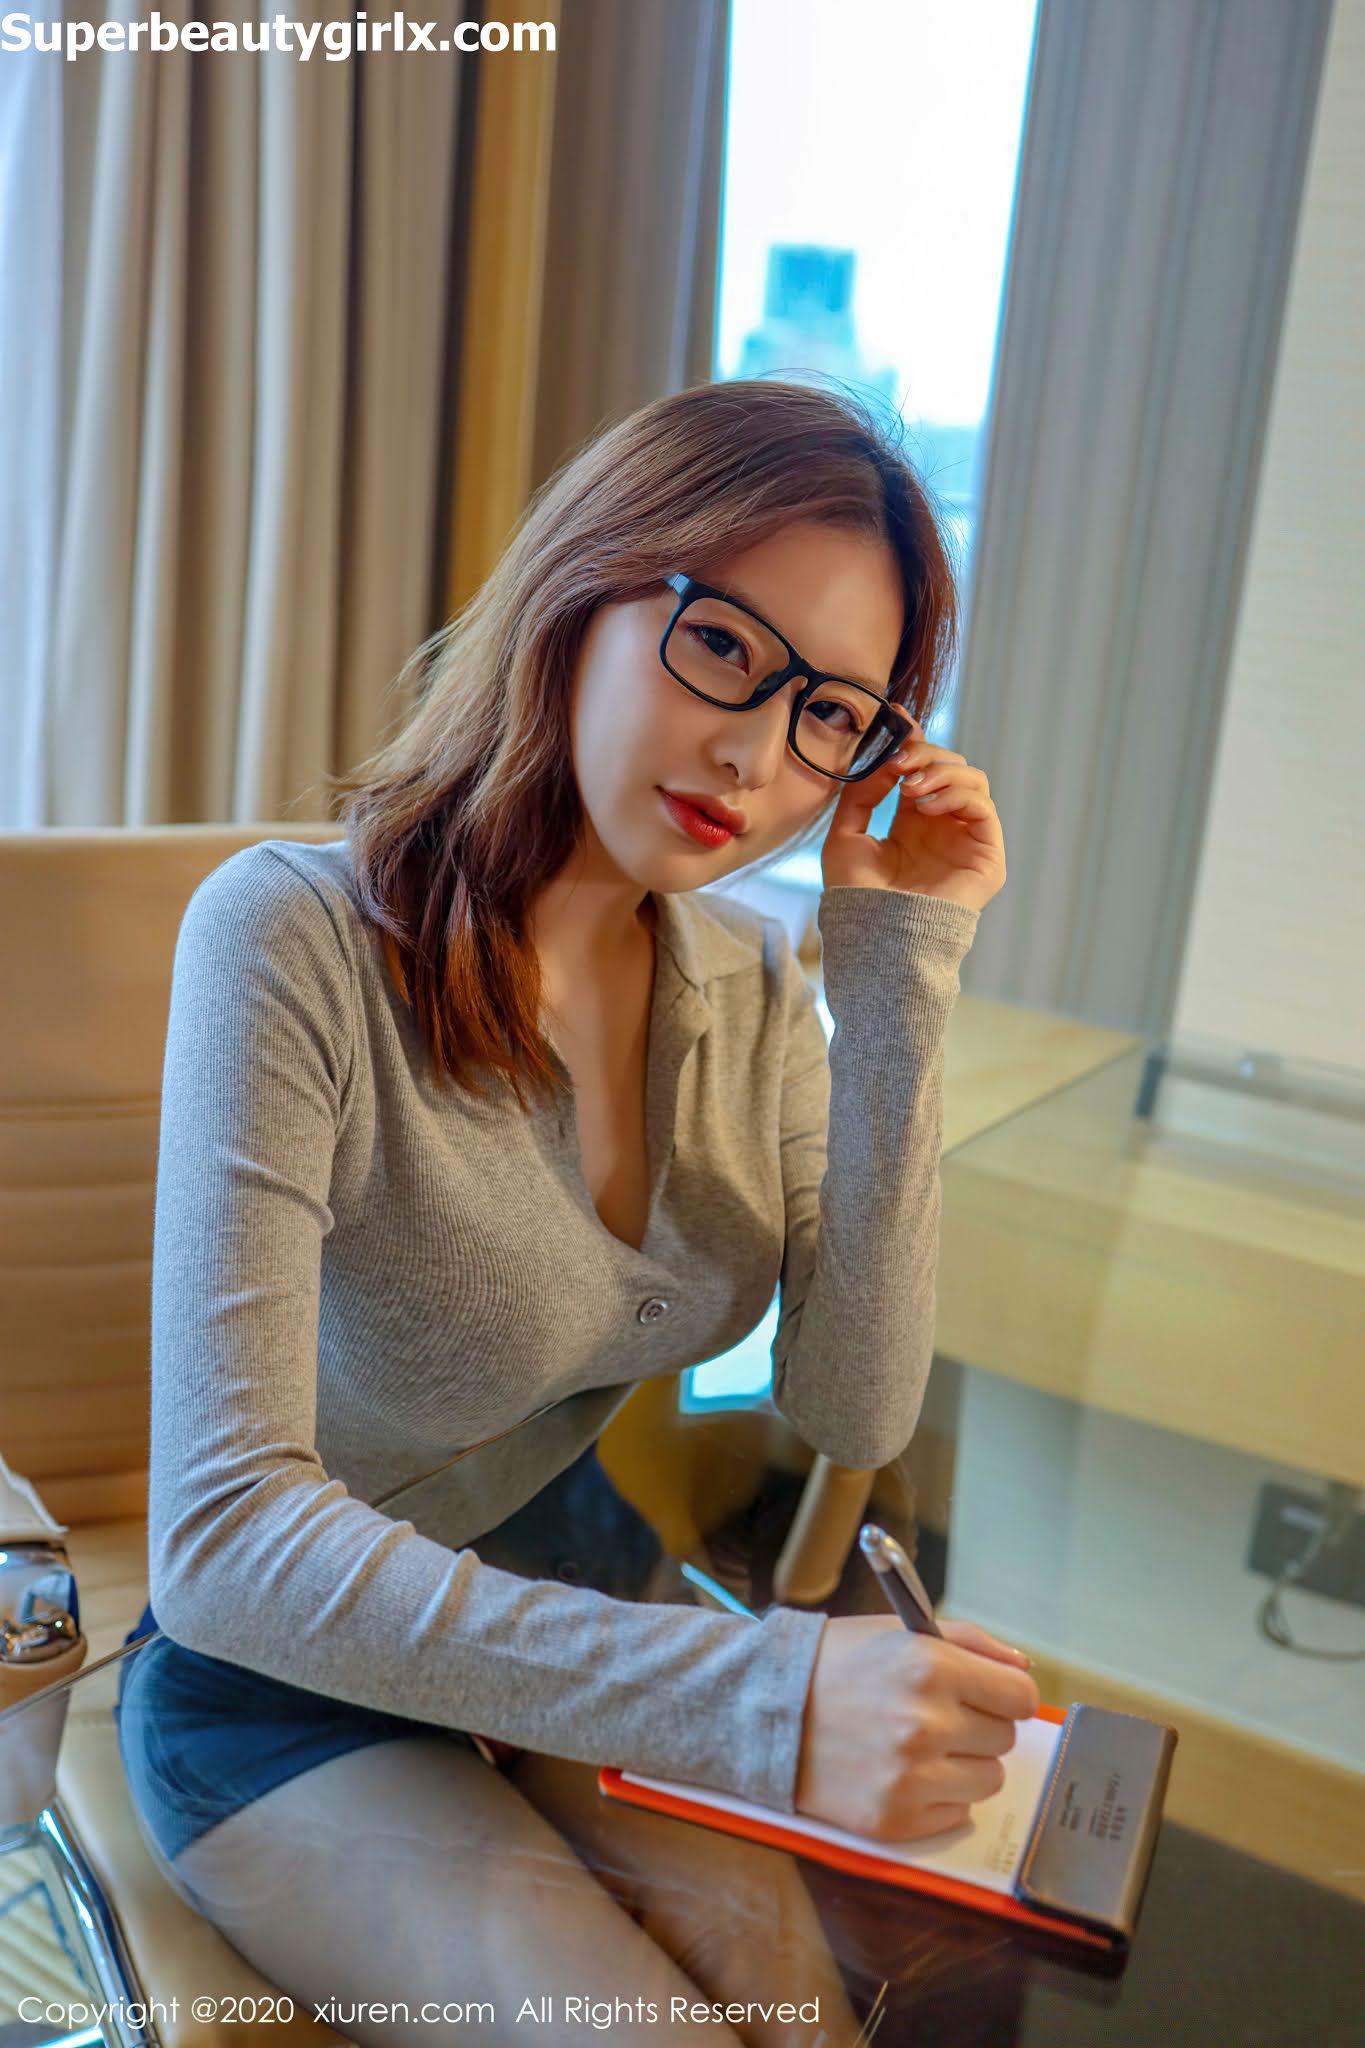 XIUREN-No.2765-Fan-Jing-Yi-Superbeautygirlx.com